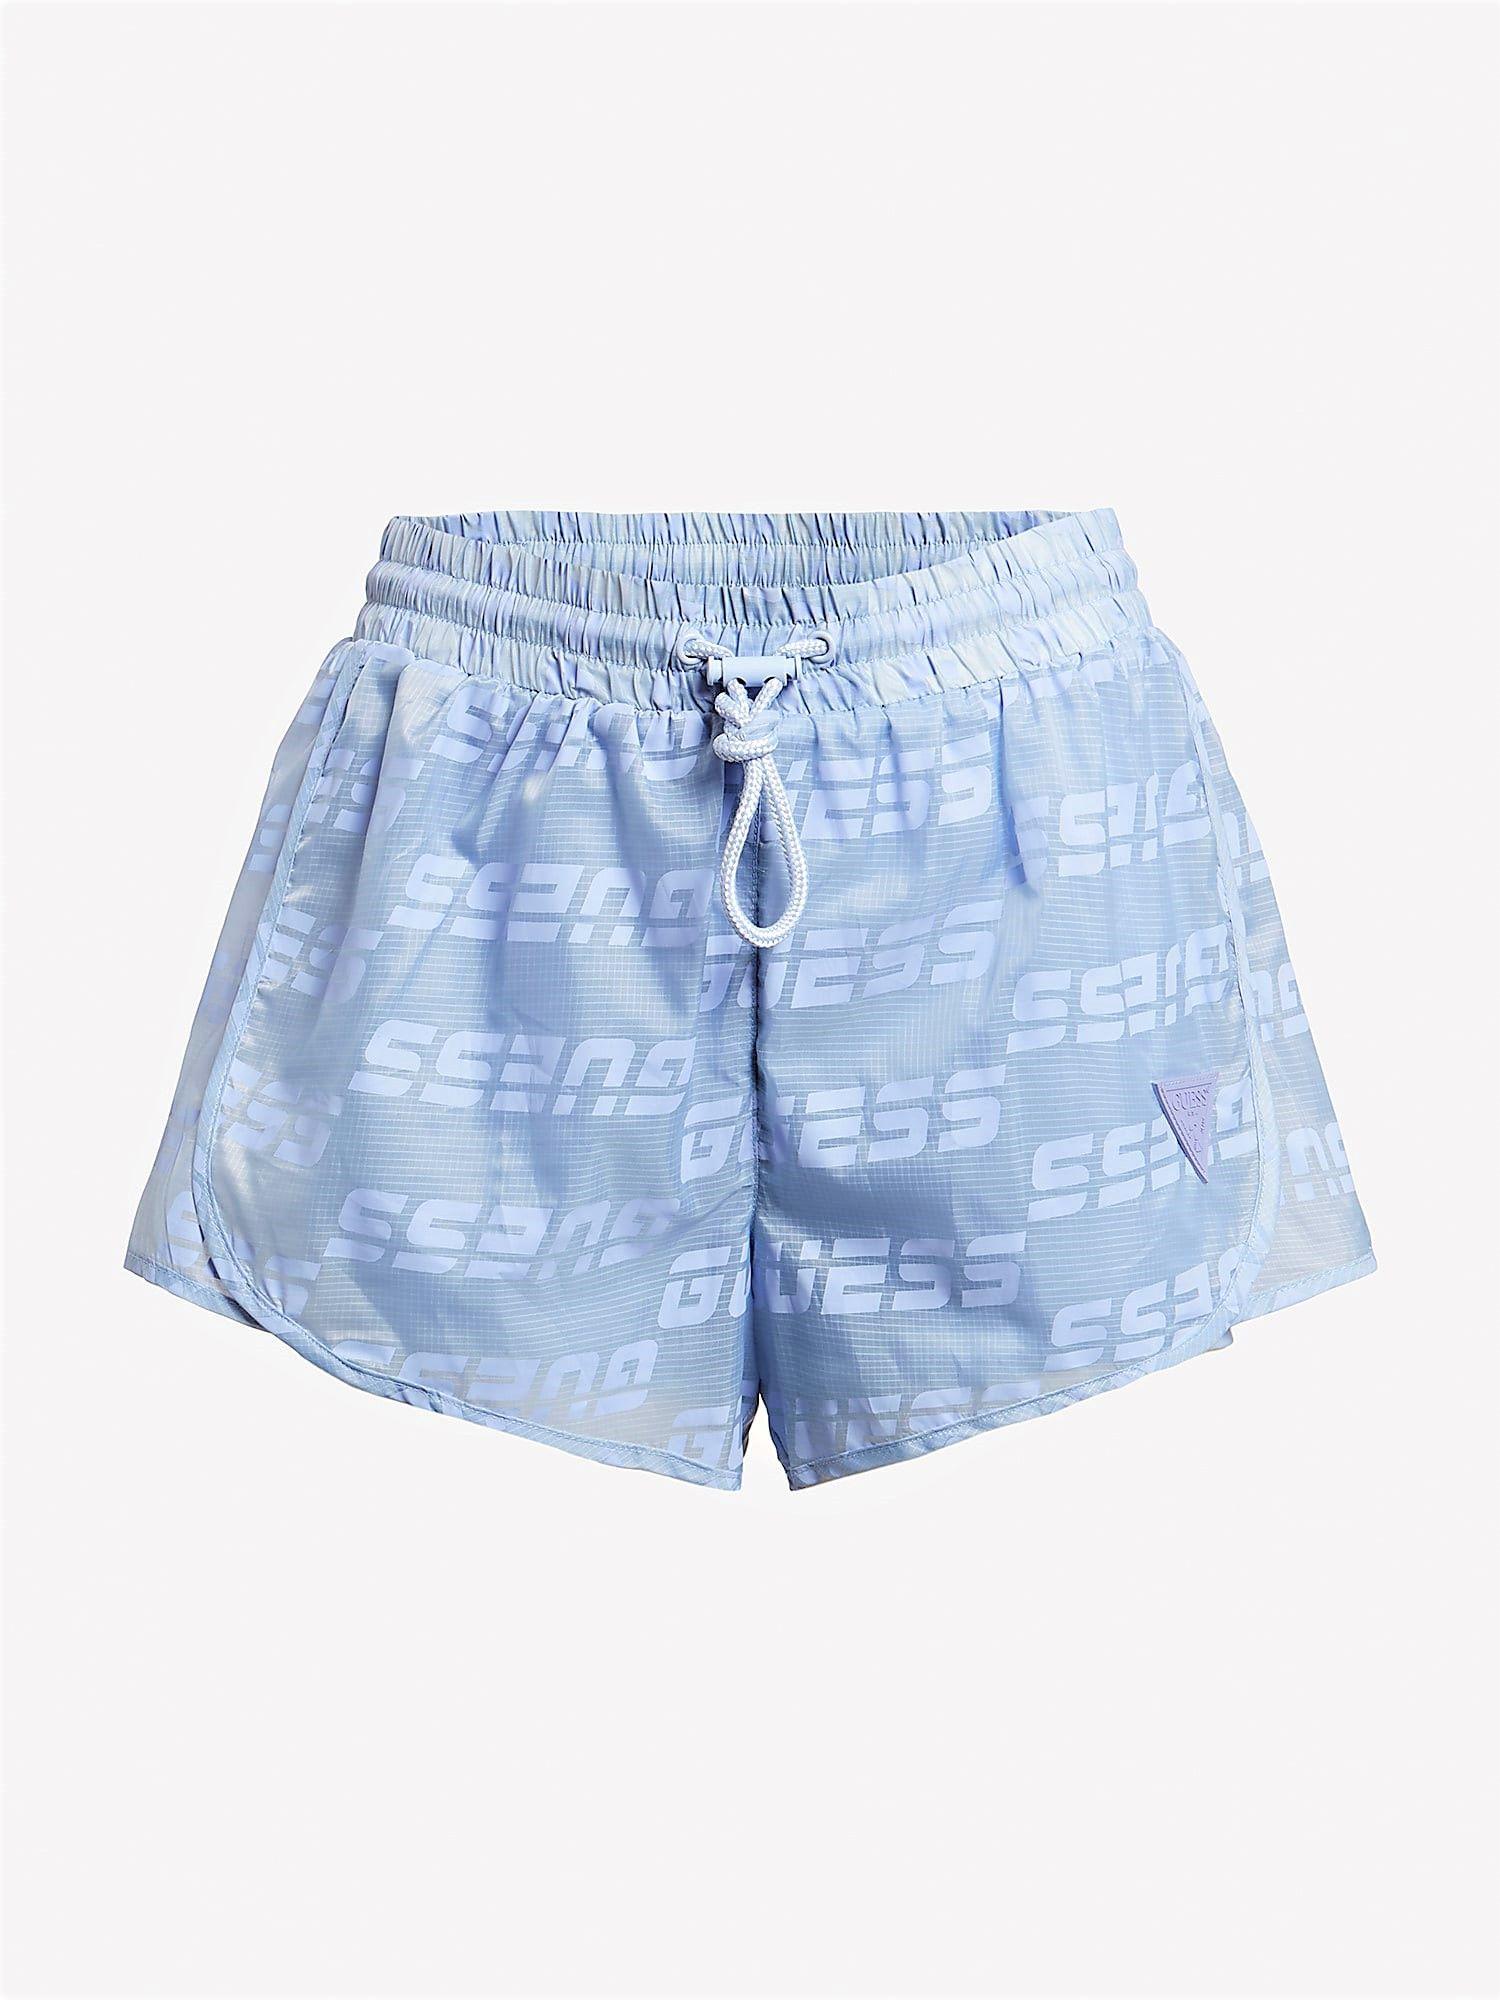 SHORTS GUESS | Shorts | O1GA28WDEZ0G4Q3